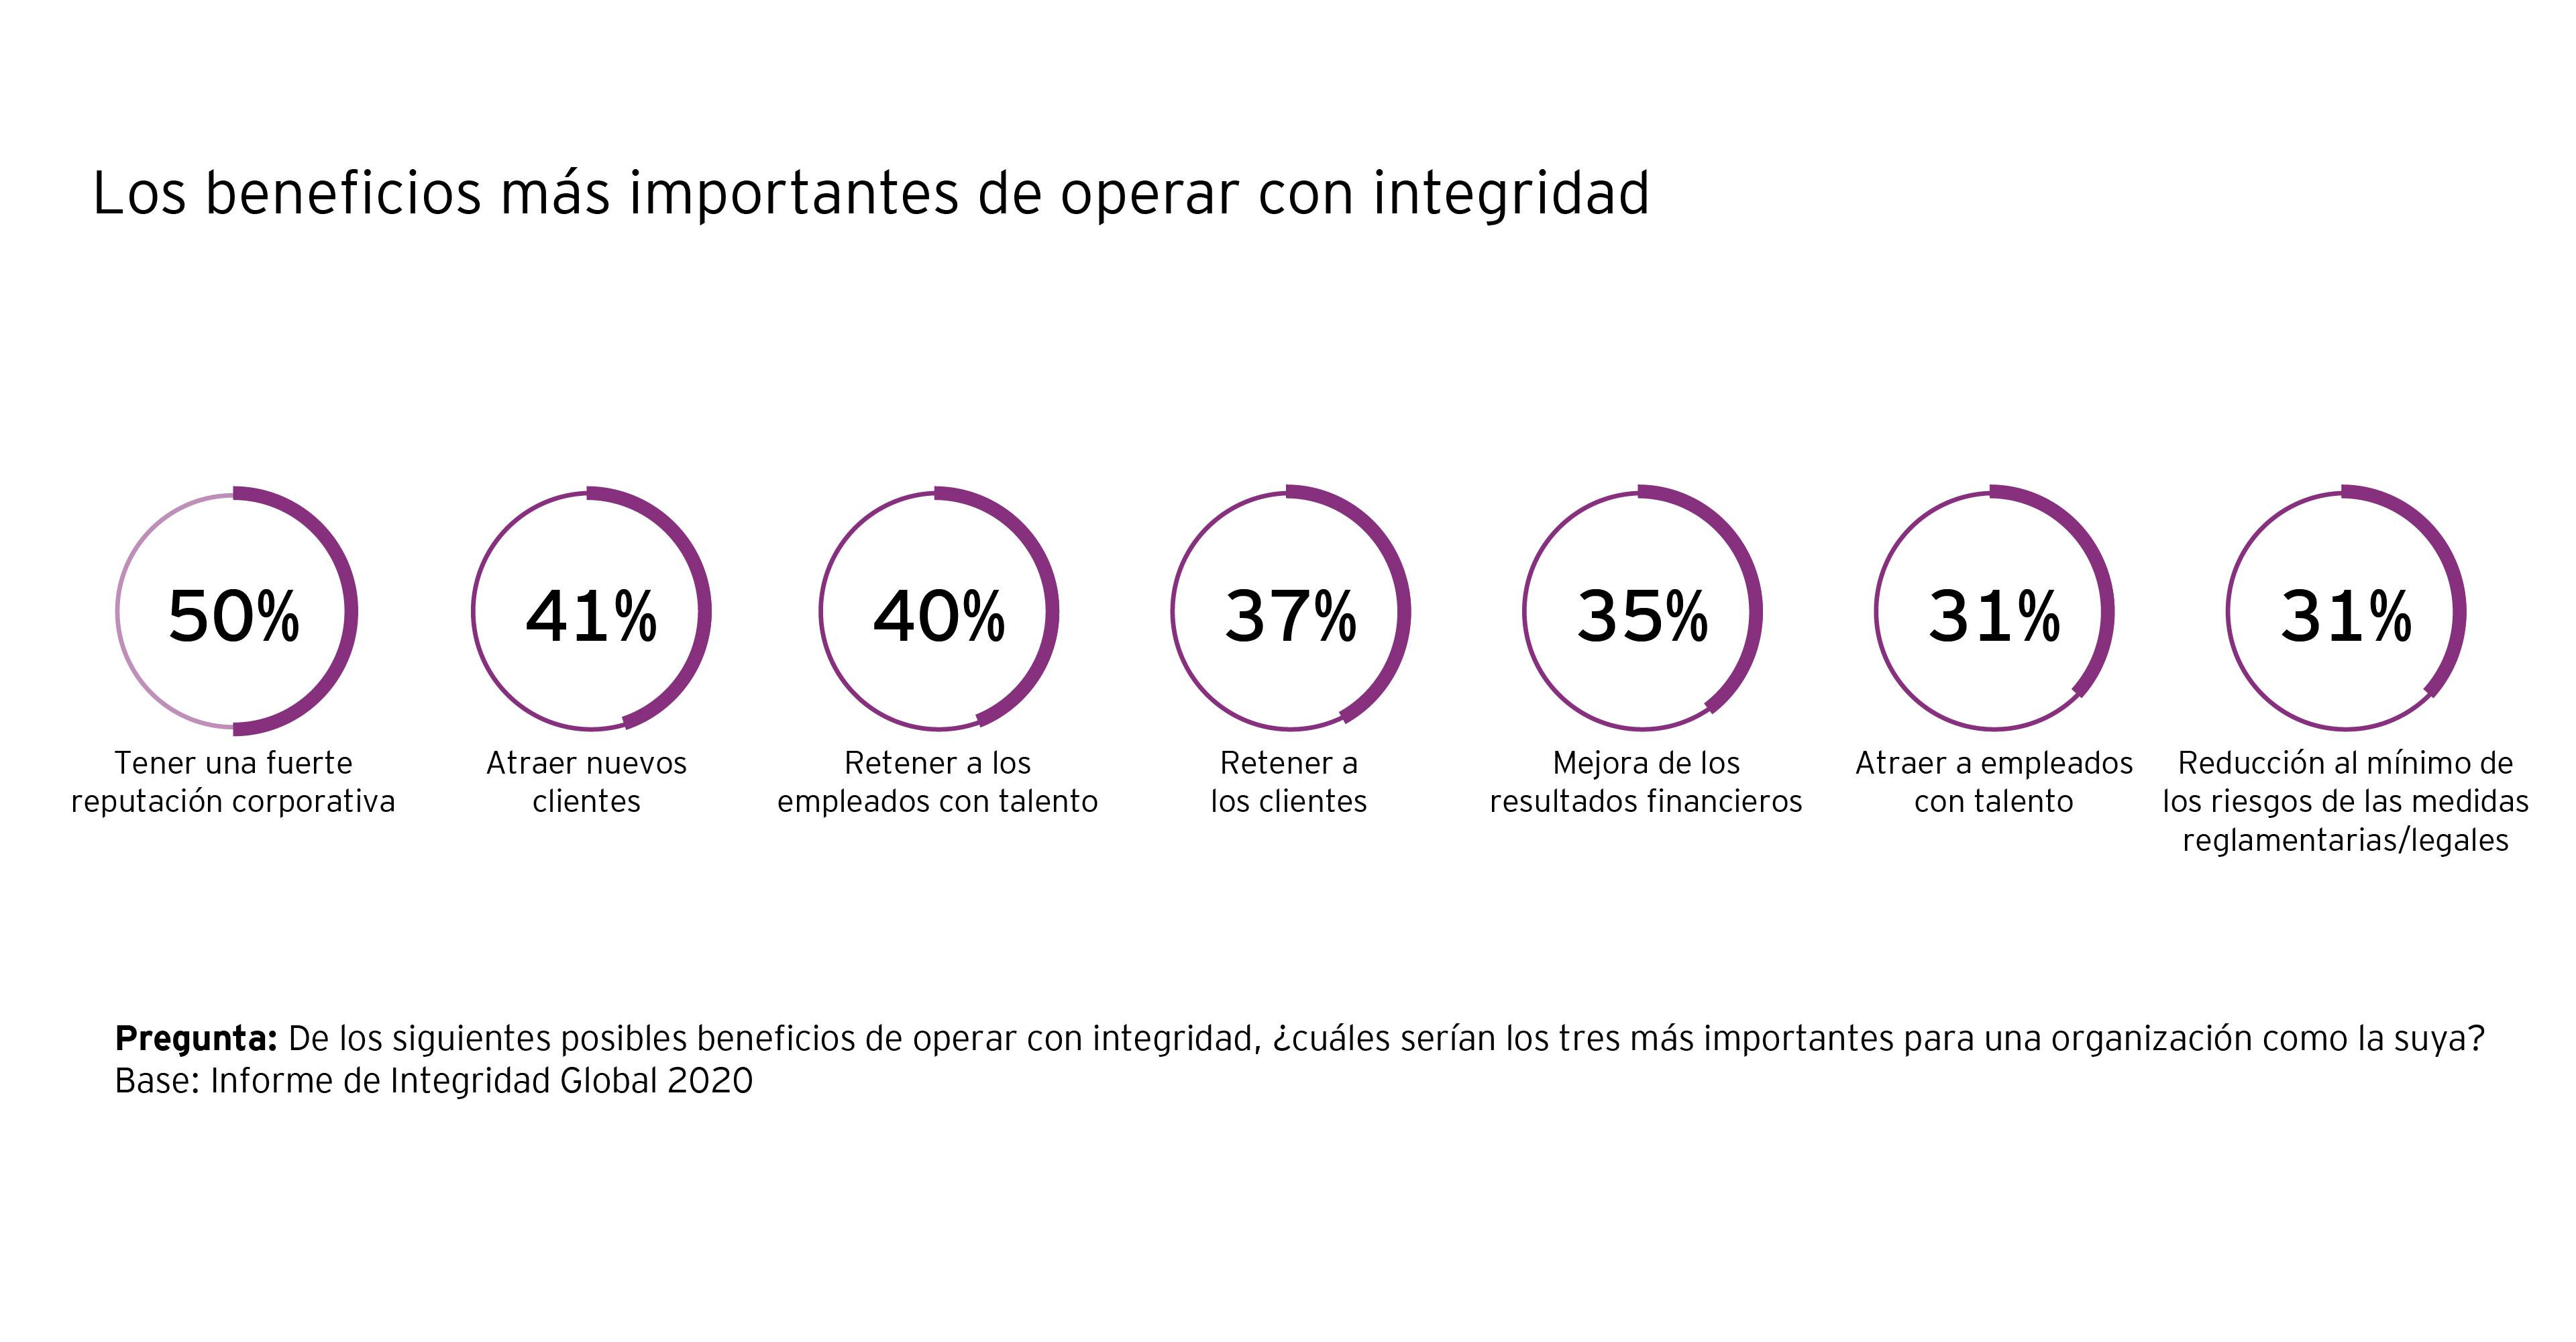 Gráfico - Los beneficios más importantes de operar con integridad